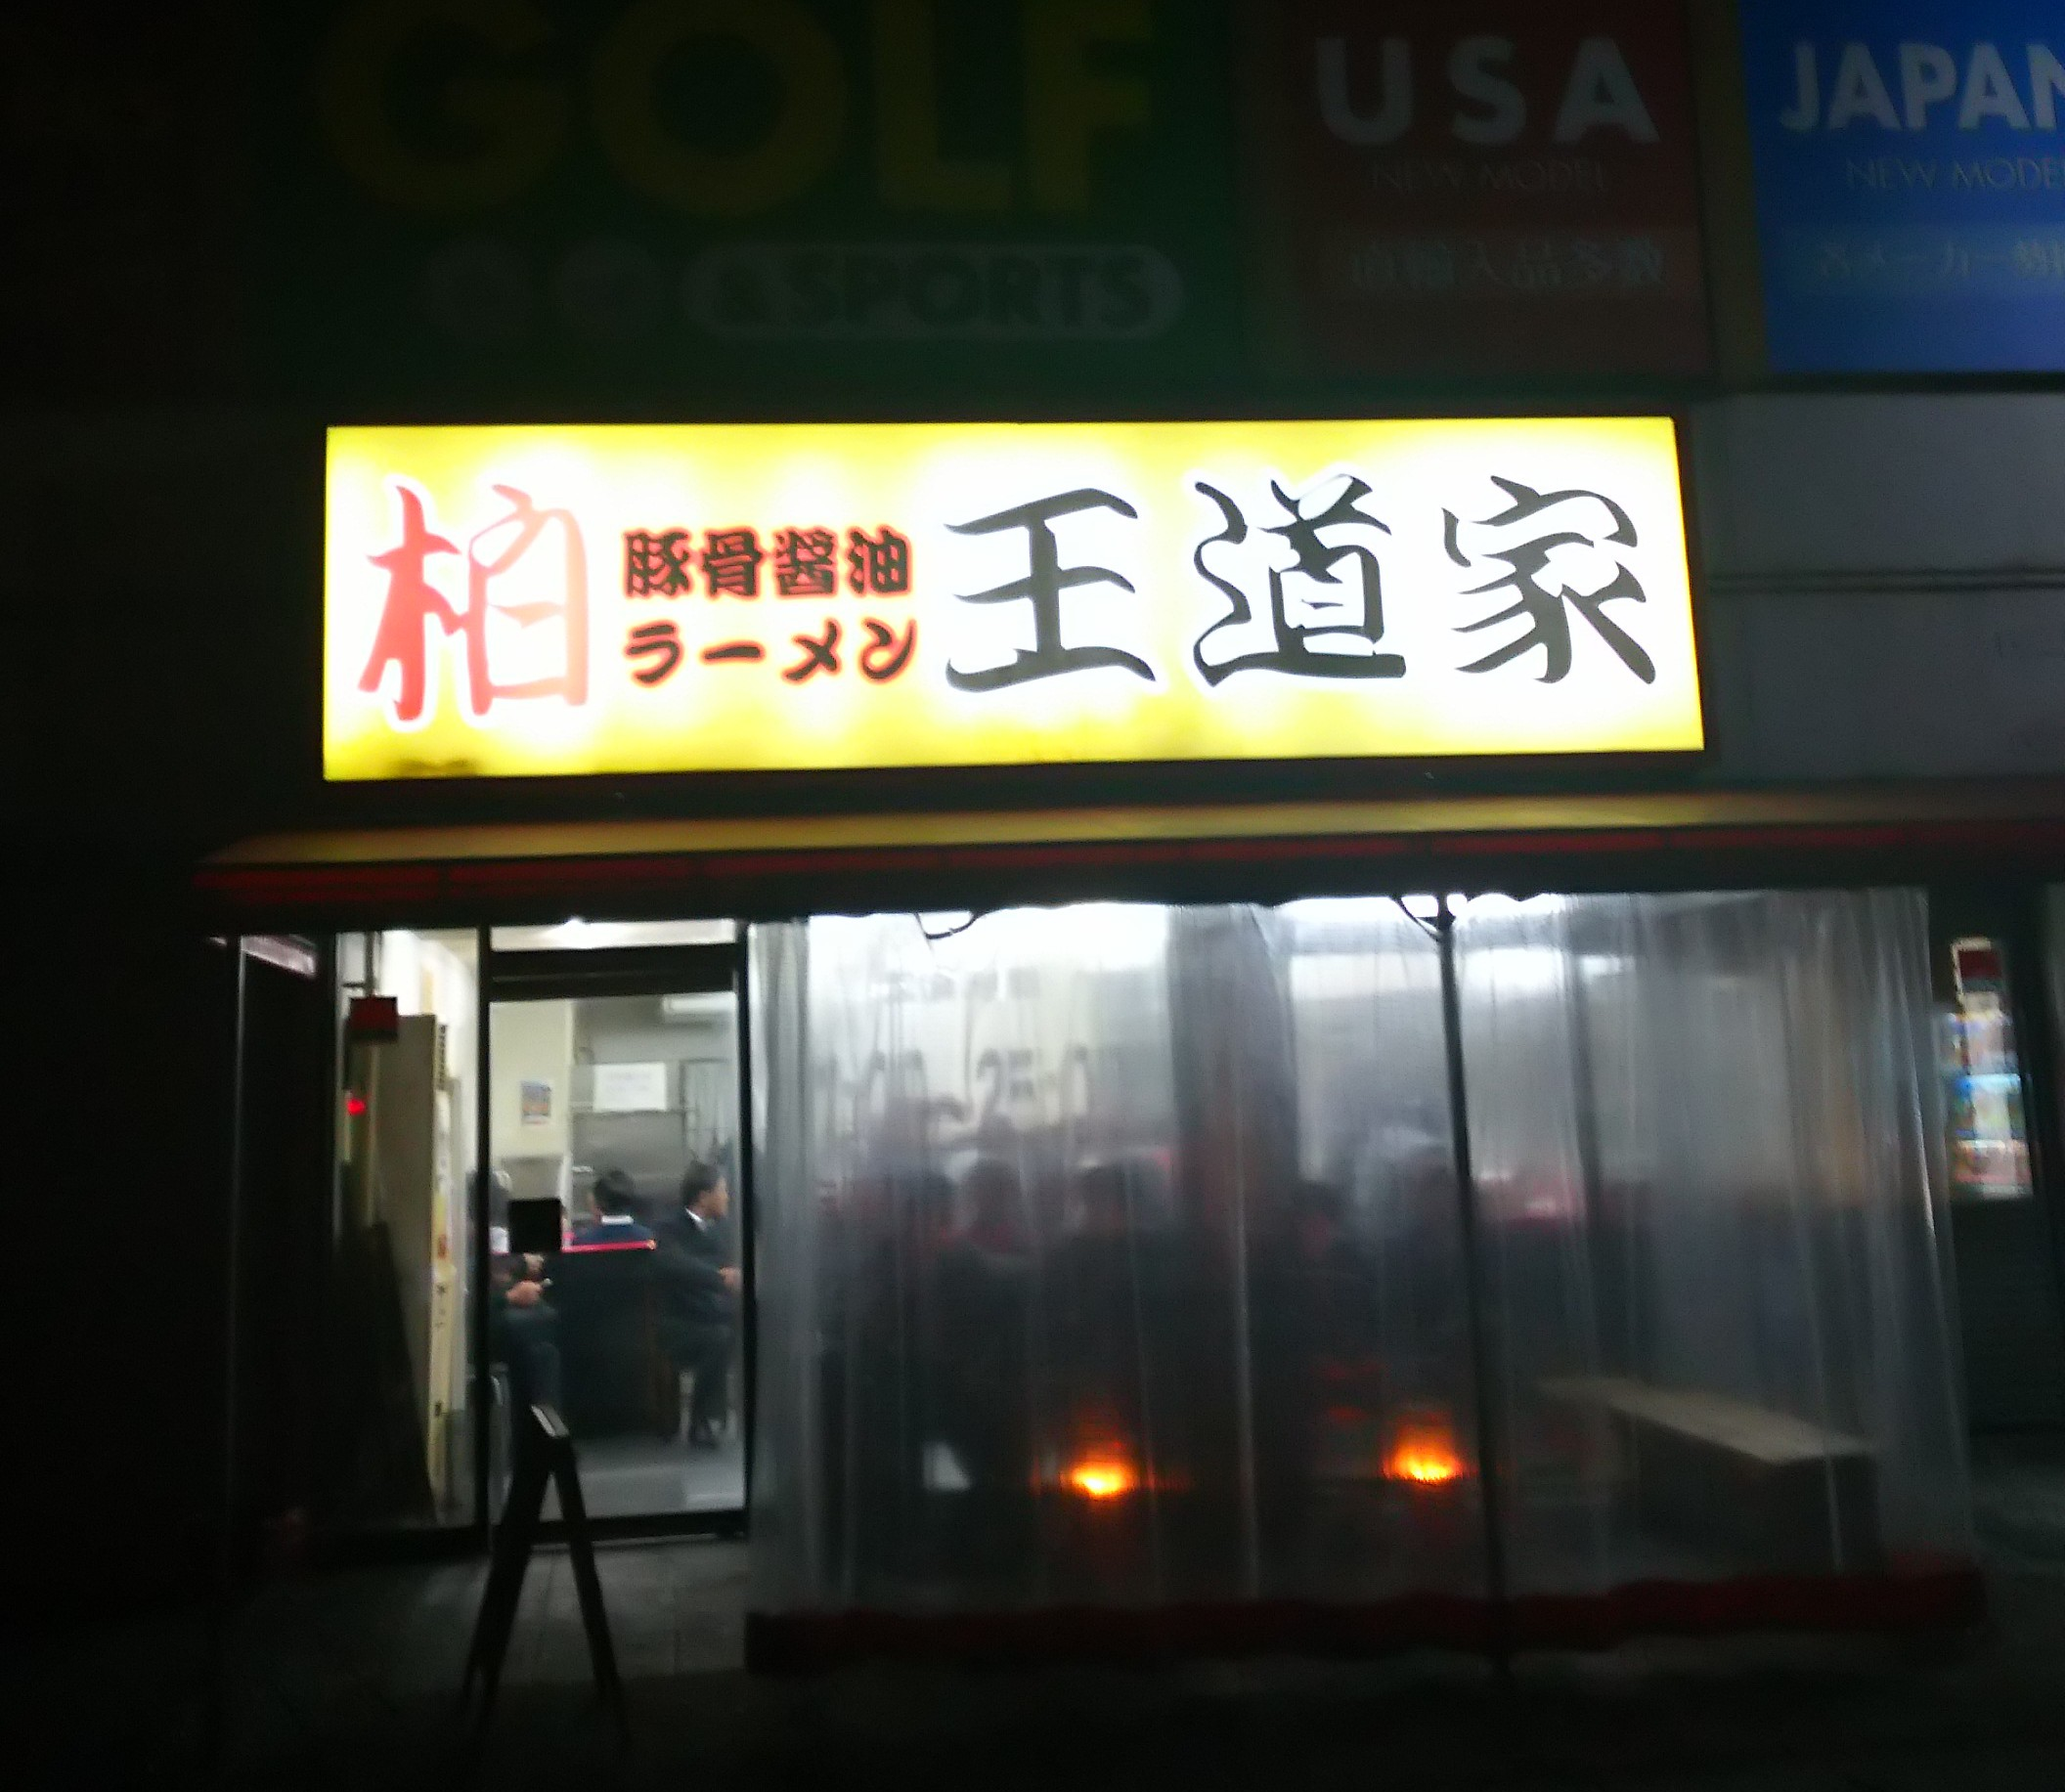 【レビュー】千葉県柏市 王道家に1日で2回行ってきた